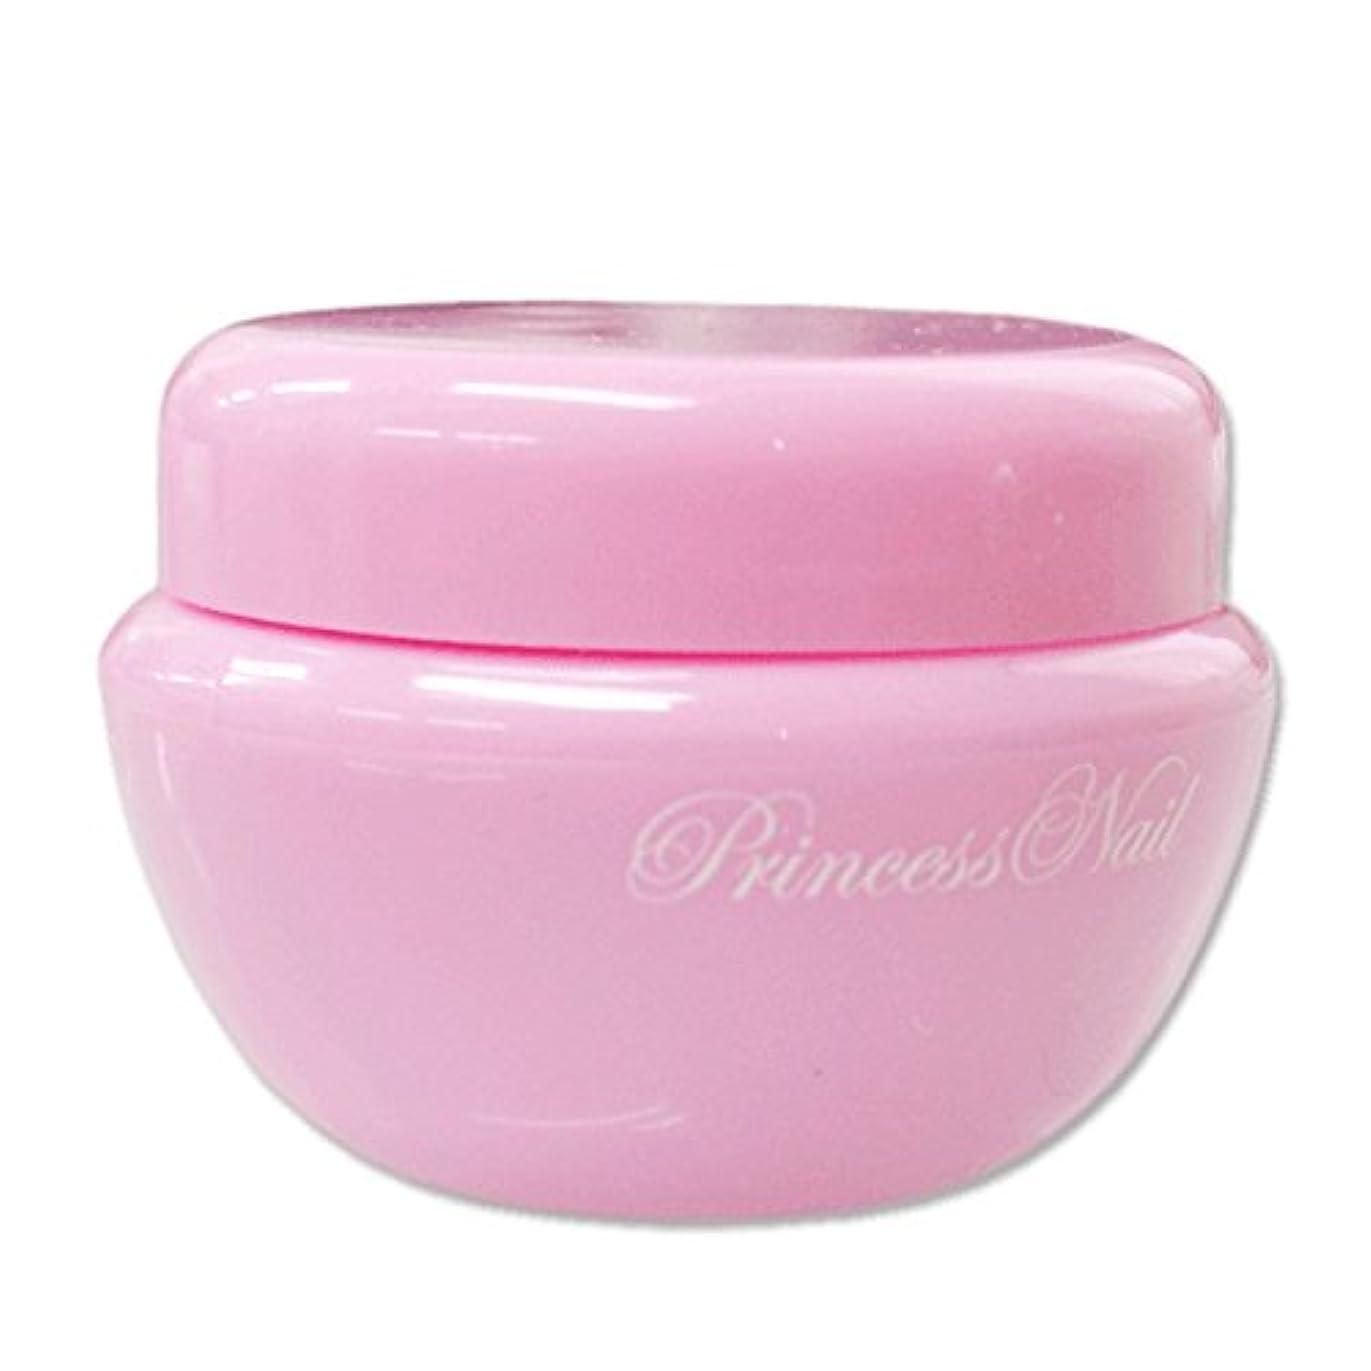 文言ショップ空のクリームケース 中蓋付き 容量8g ピンク